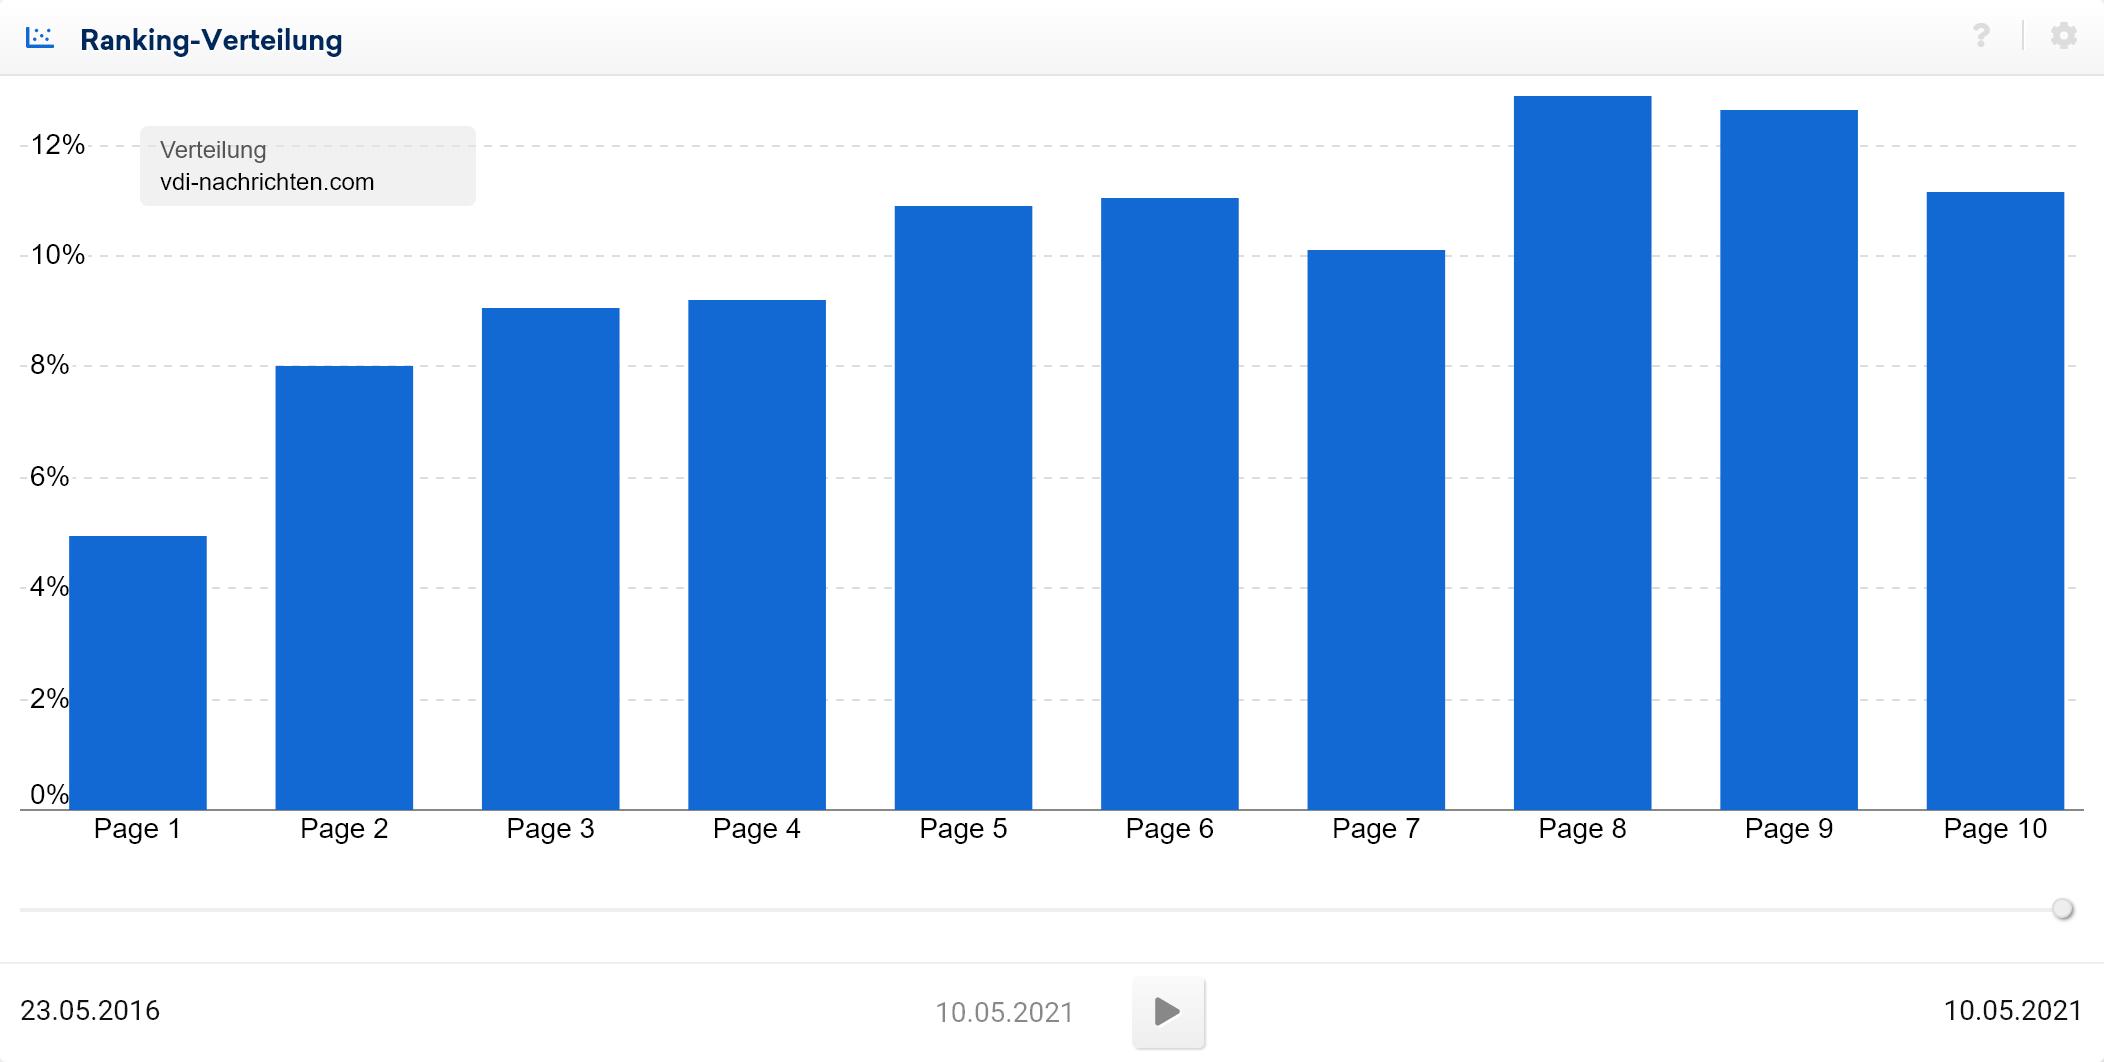 Beispiel Low-Performance-Ranking-Verteilung